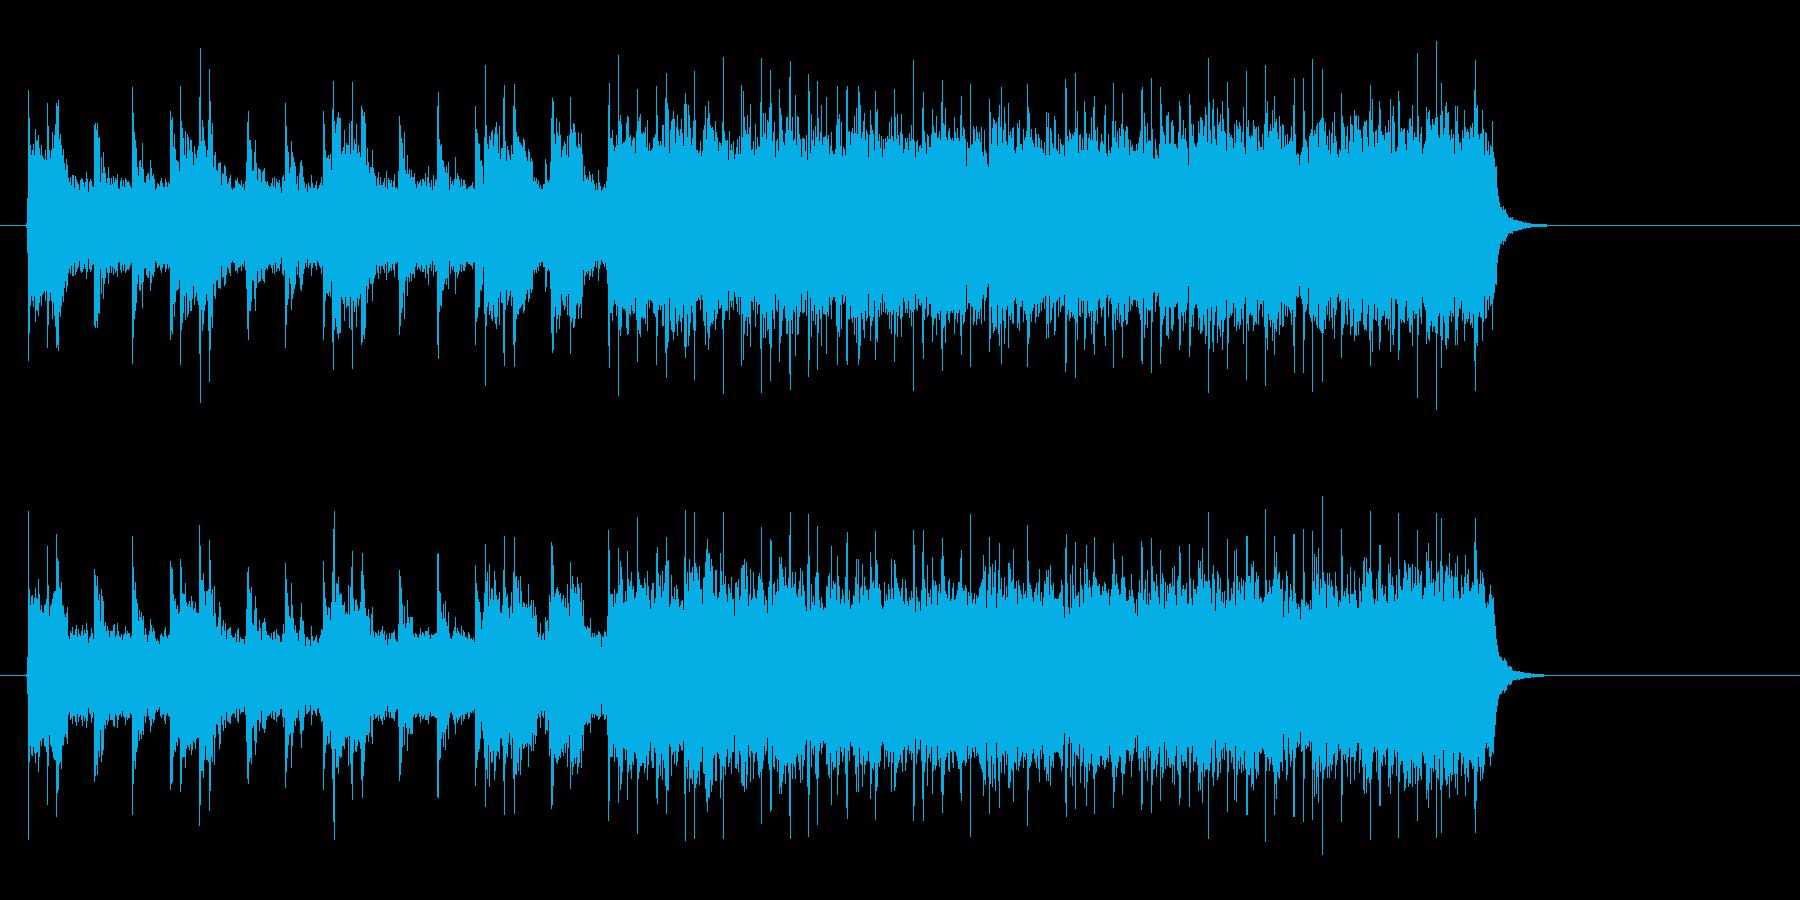 アメリカンロック/ポップ(イントロ~…)の再生済みの波形